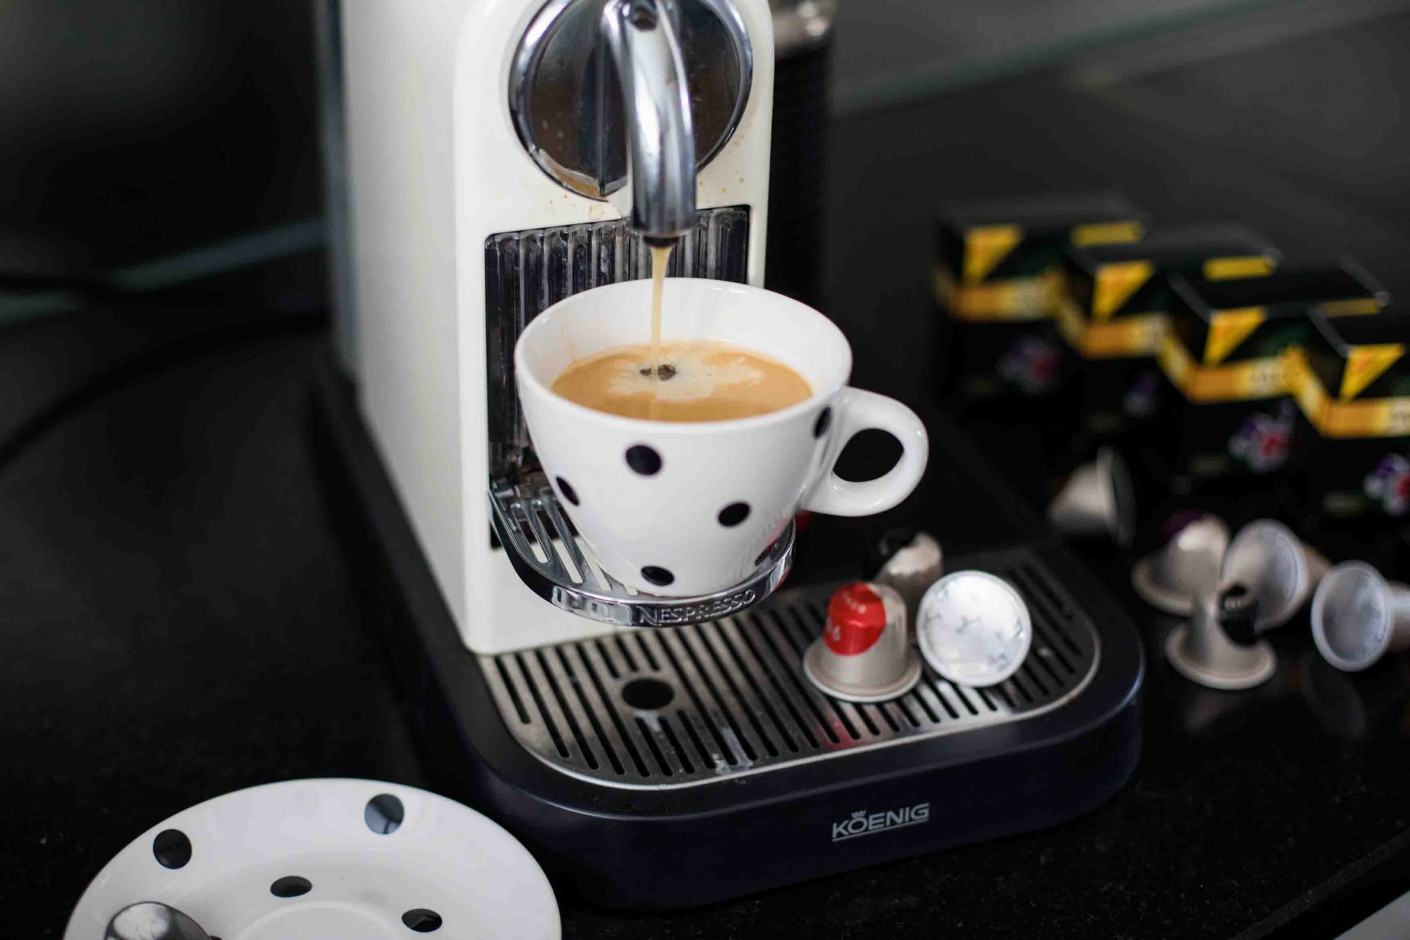 Coffee: Jacobs Kaffee